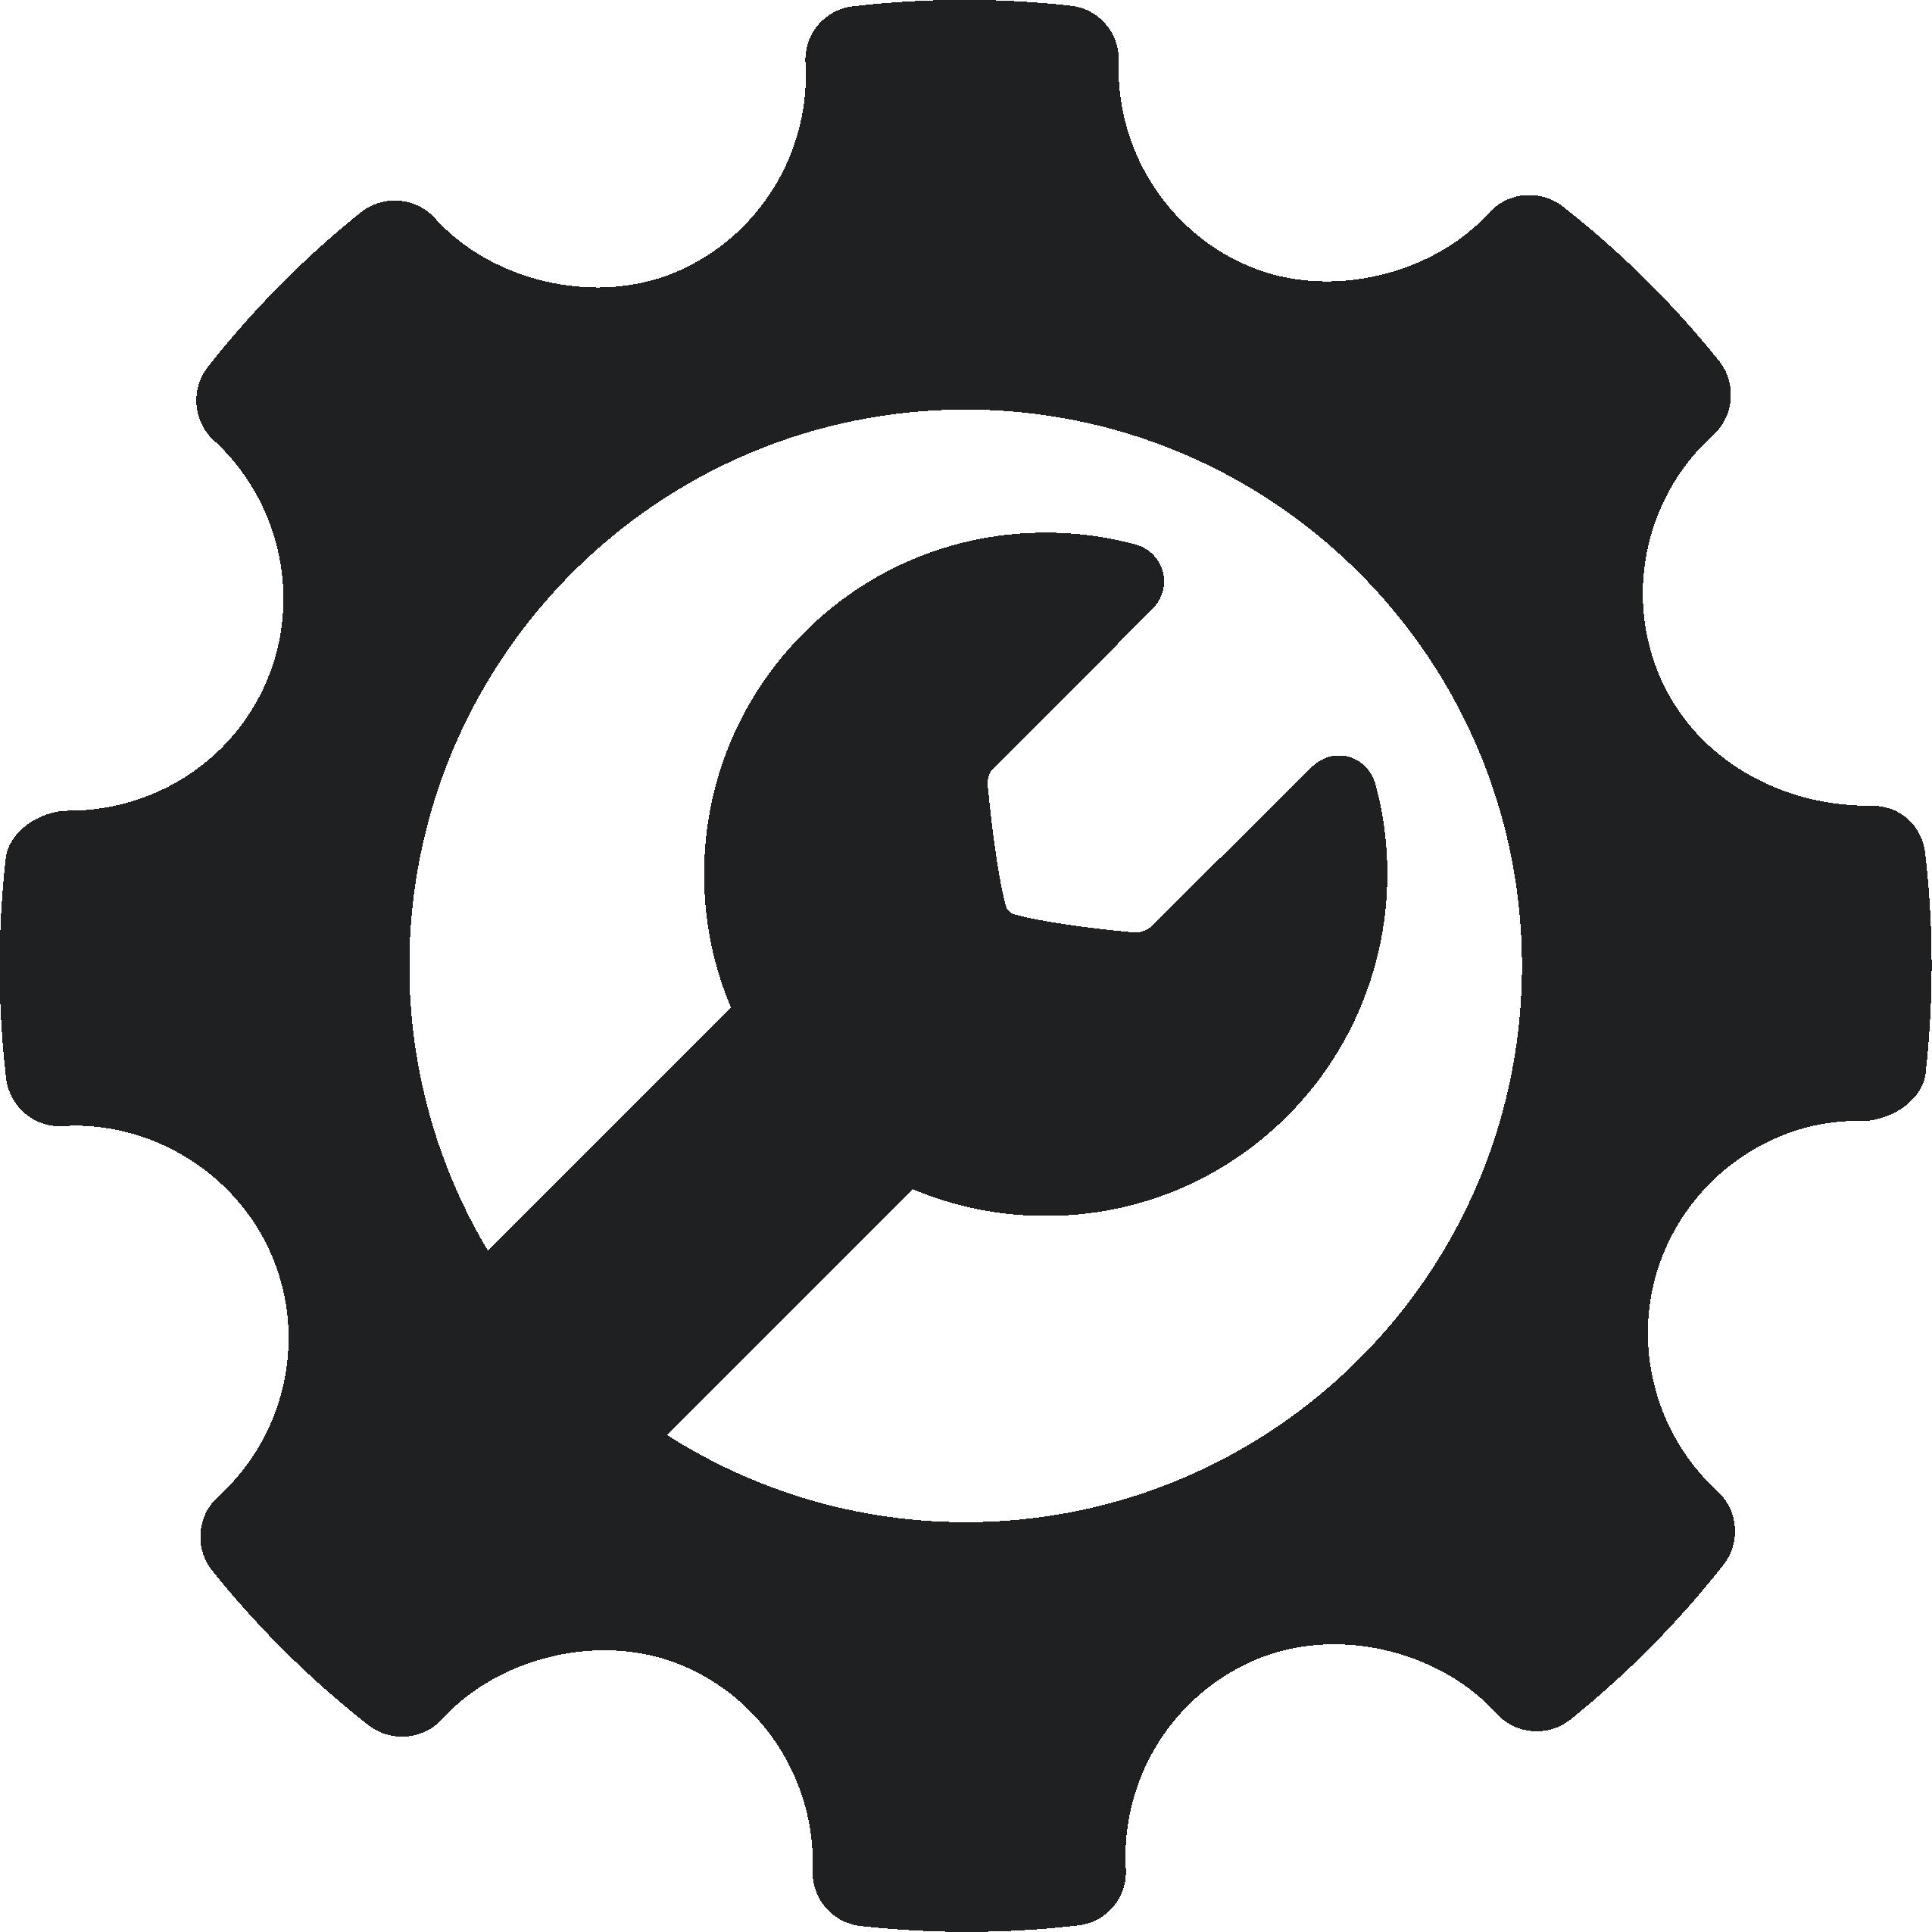 [GENEL] - Değişen Sunucu İsmi, [GENEL] - Değişen Sunucu İsmi plugini, eklentisi, CS:GO Plugin, CS GO Plugin, csgo, cs:go, csgo plugin, plugins, pluginler, plugin, satis, satış, plugincim, cs:go plugins, türkçe plugin, sourcemod, pluginleri, eklentiler, CS:GO eklentileri, CSGO eklentileri